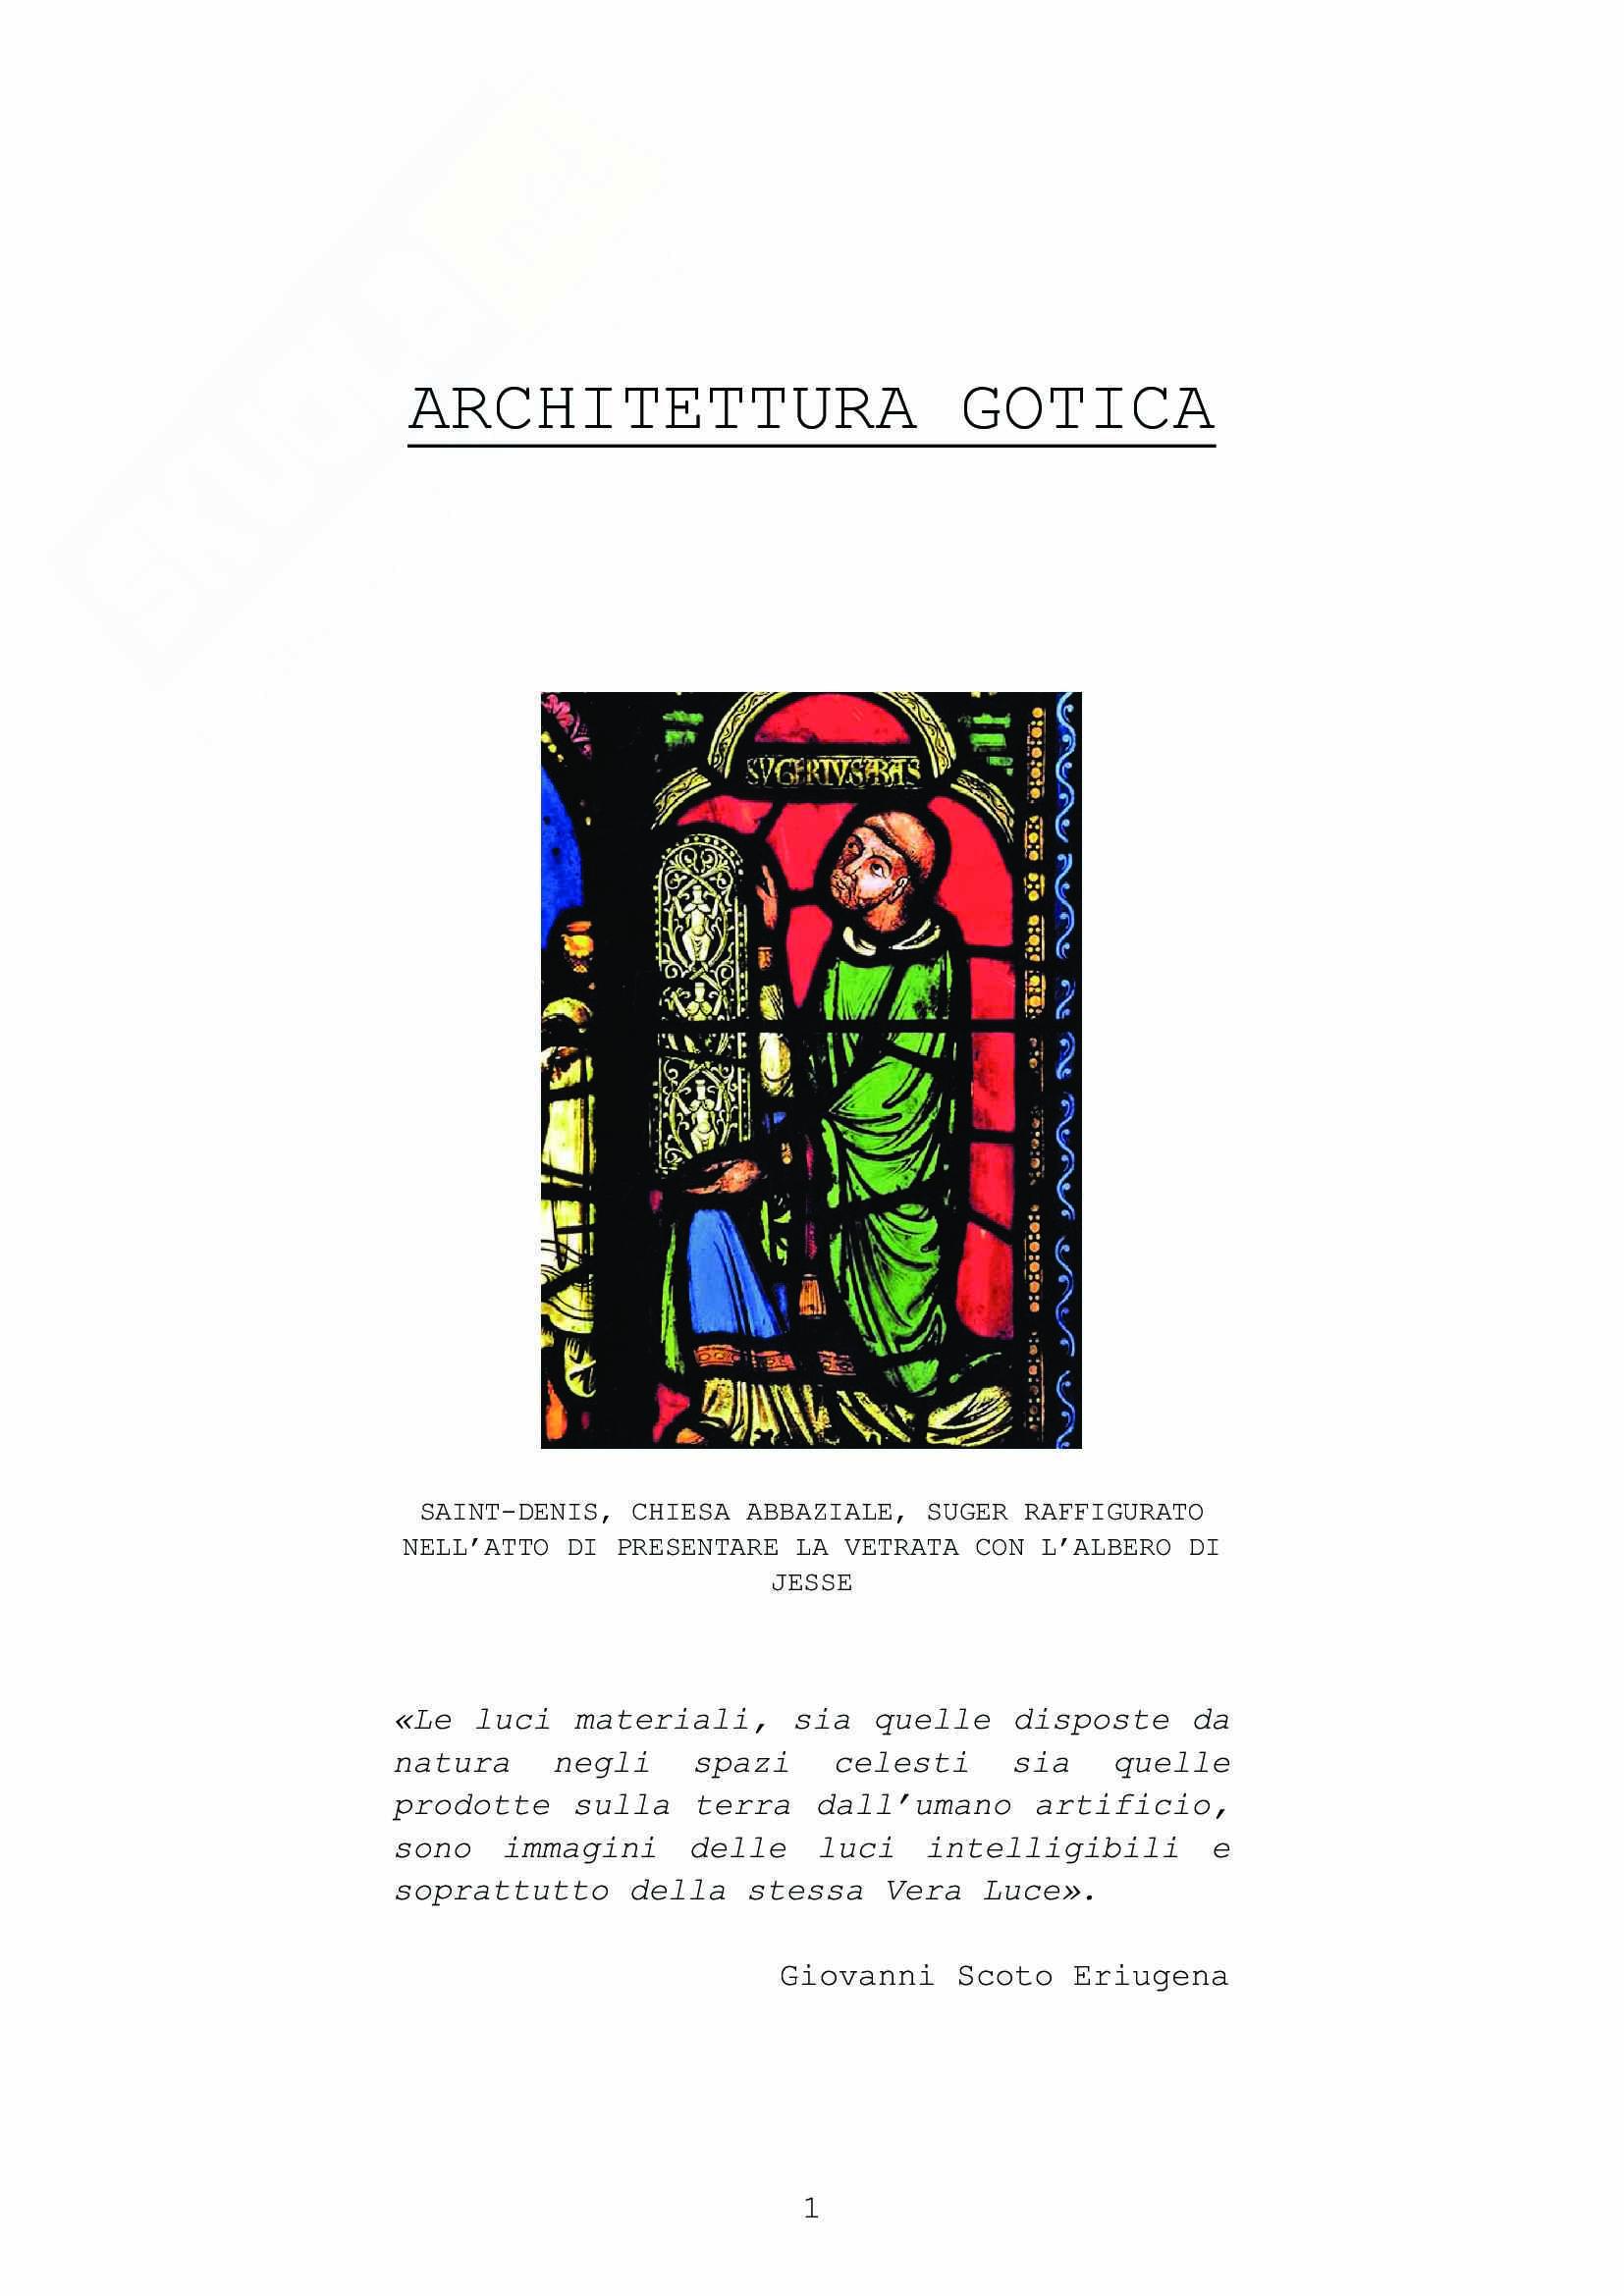 Architettura Gotica - Schedario delle Opere, Storia dell'Architettura Medievale